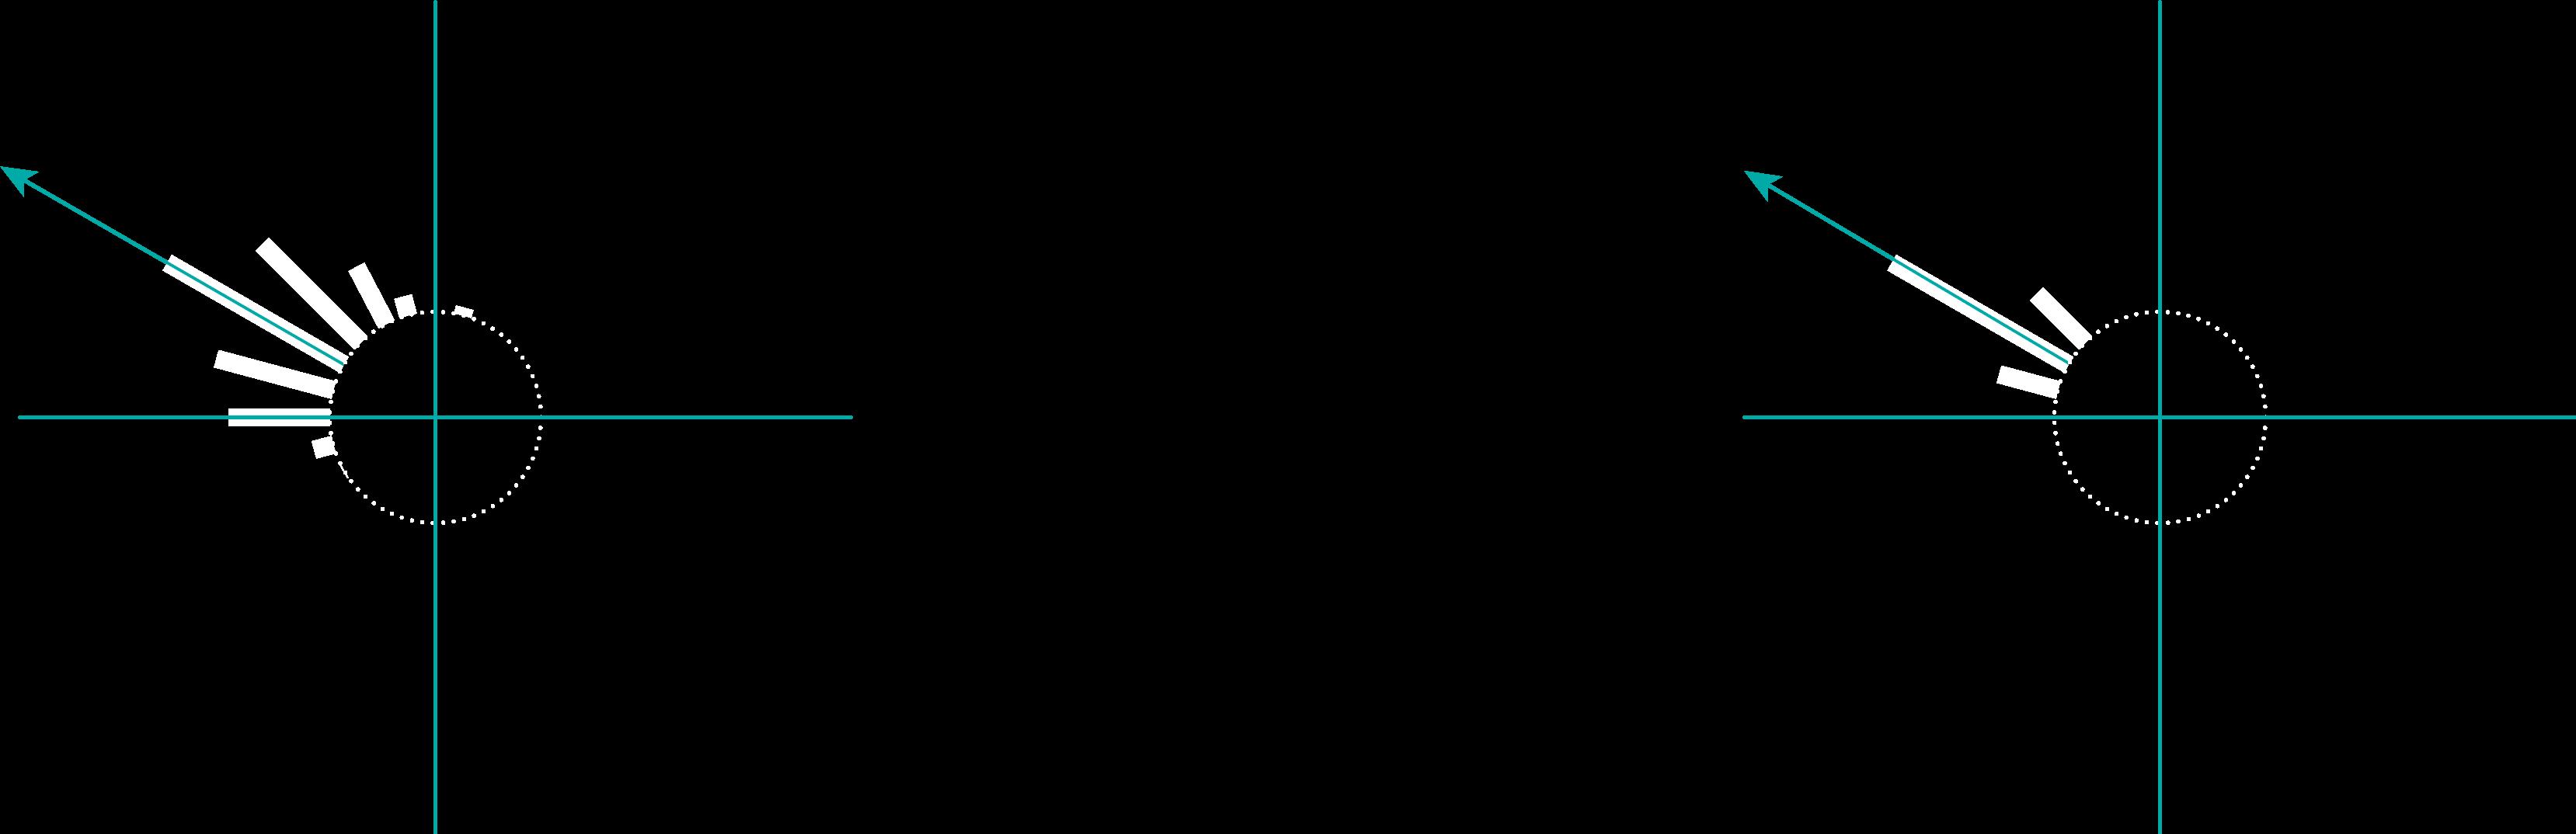 conformational 3